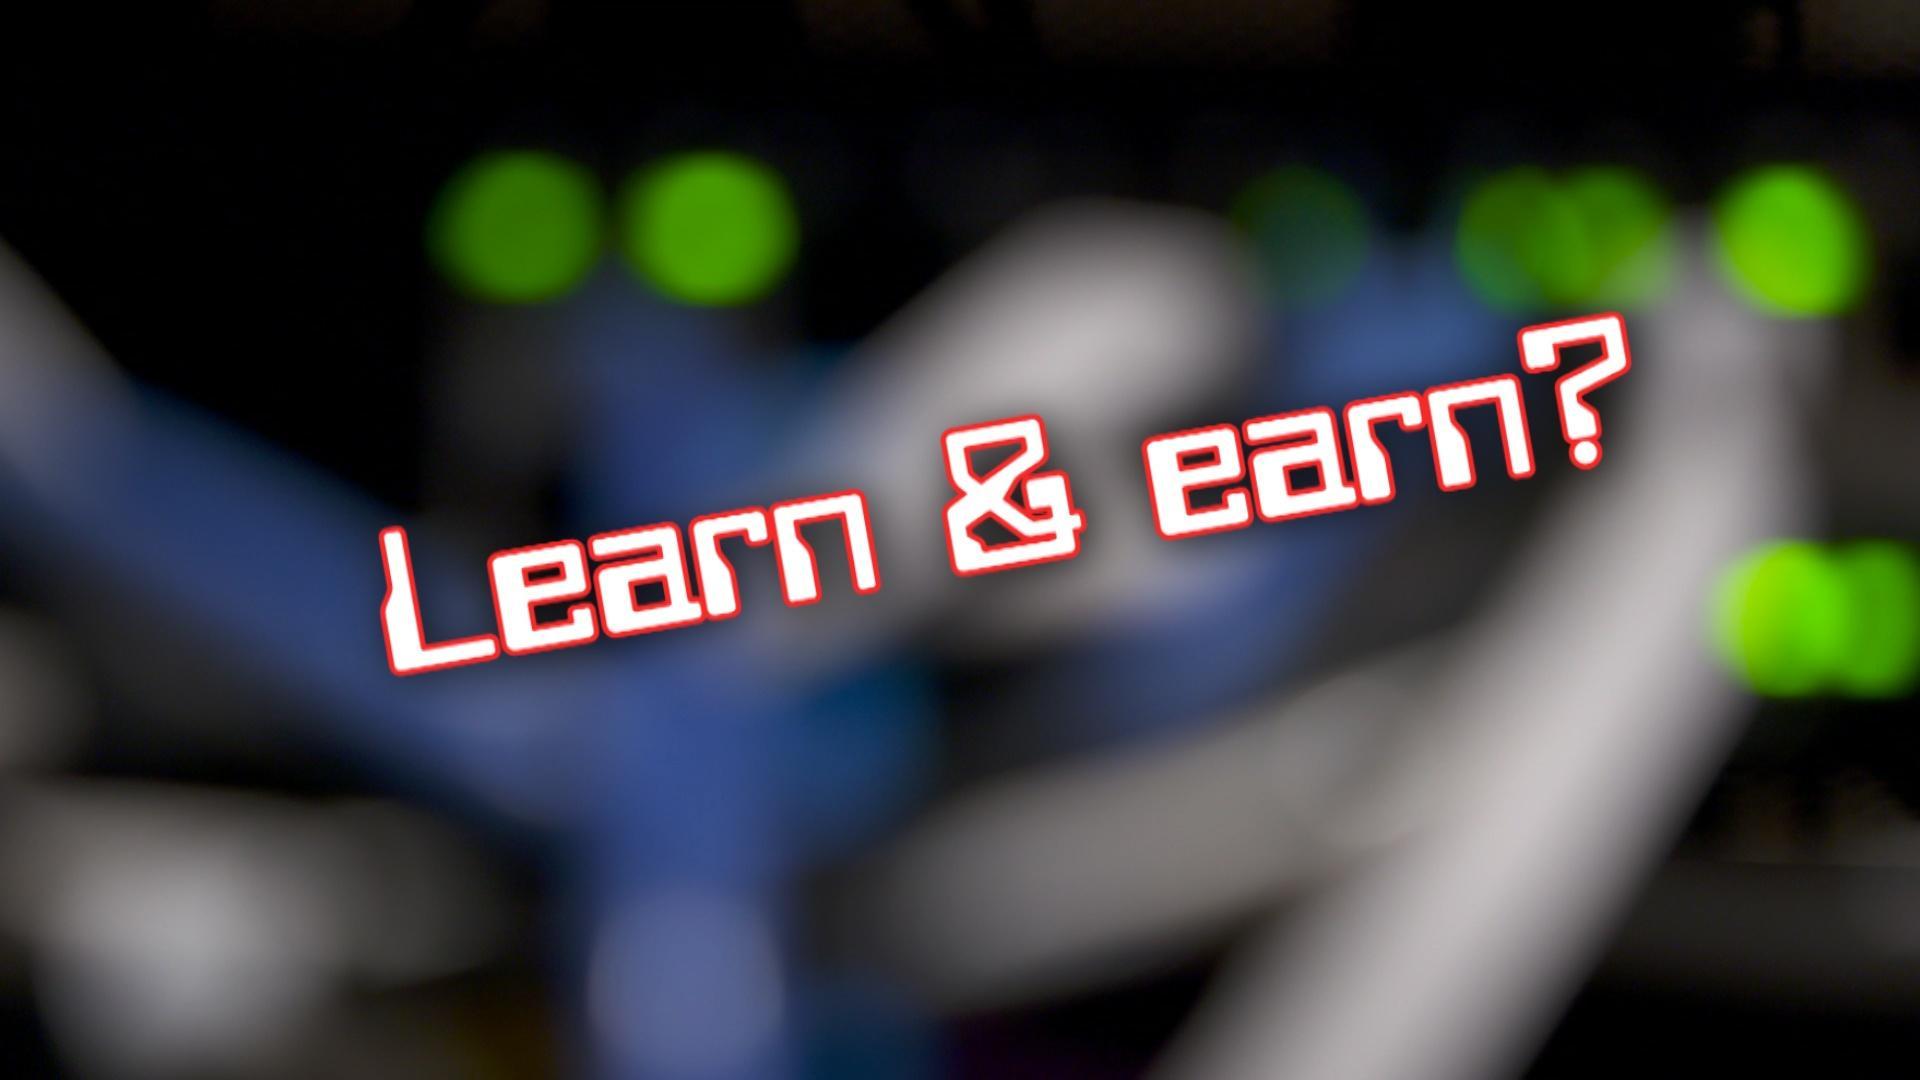 Learn & Earn